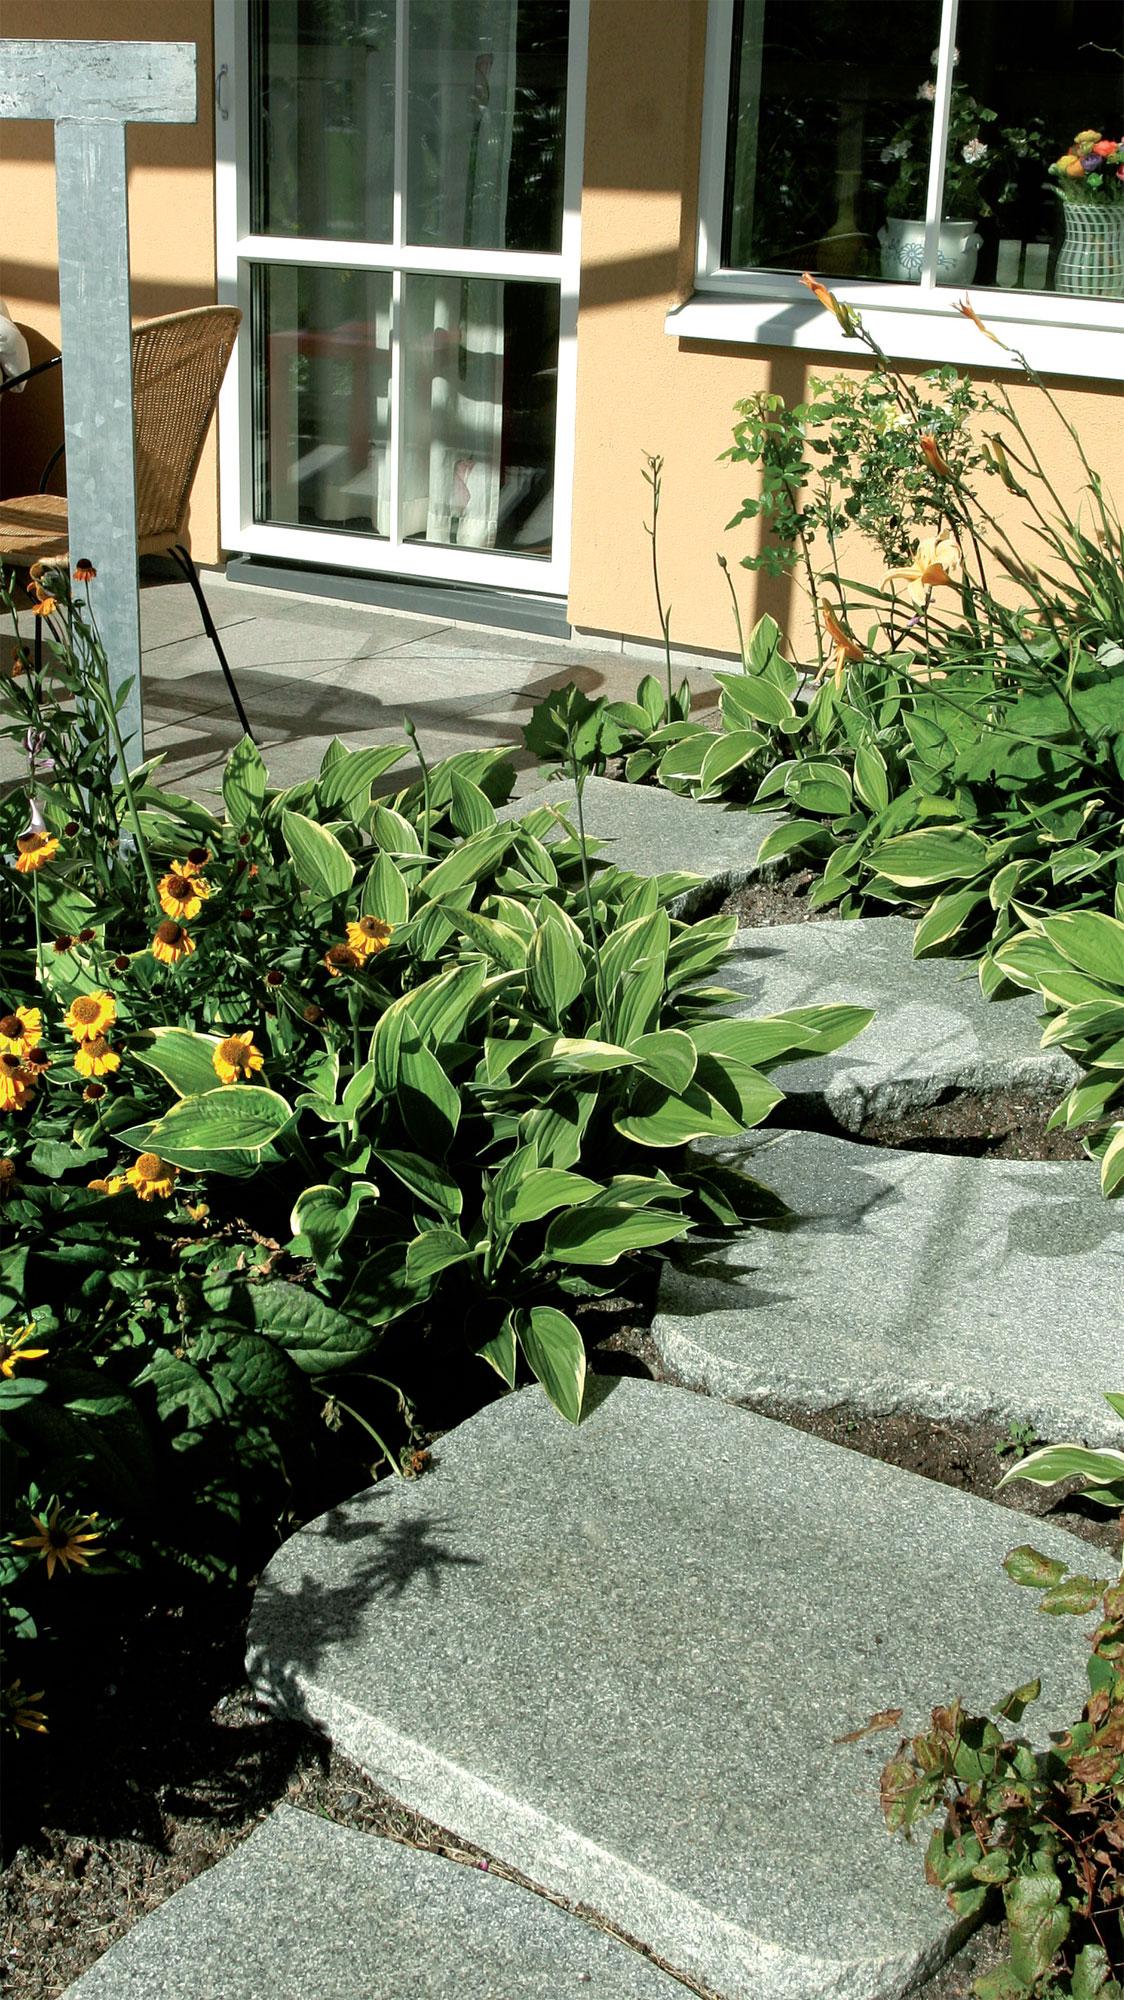 Puutarha, Jyhkeät, pyöreäreunaisiksi hiotut graniittilaatat kestävät kovankin käytön